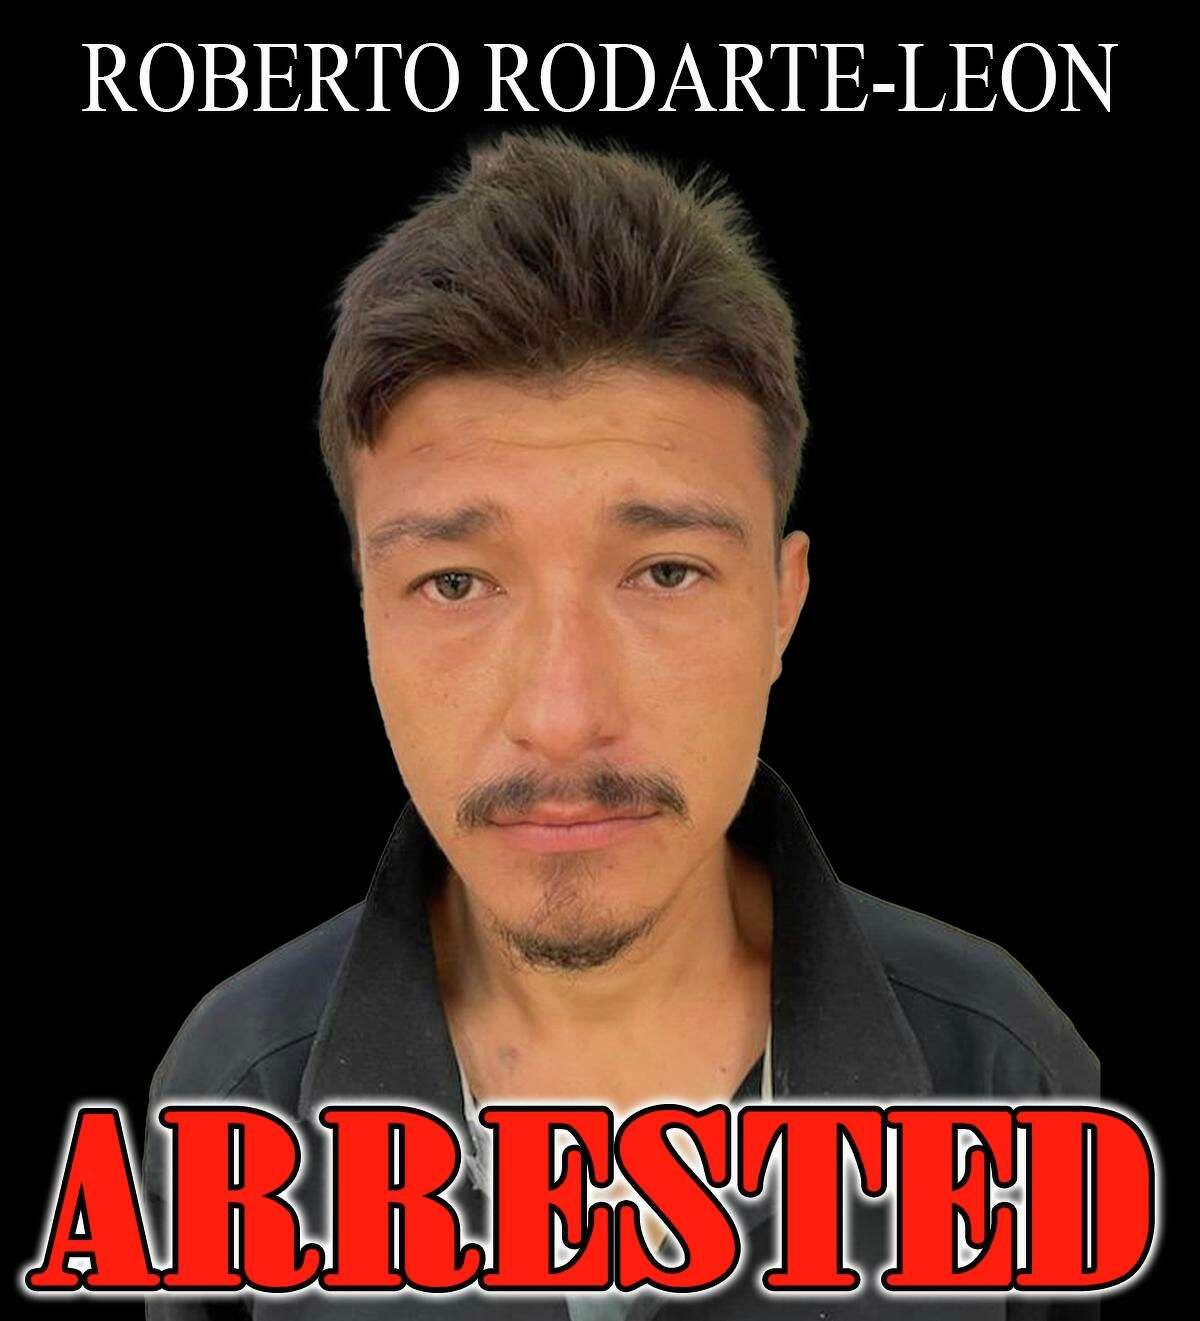 Rodarte-Leon